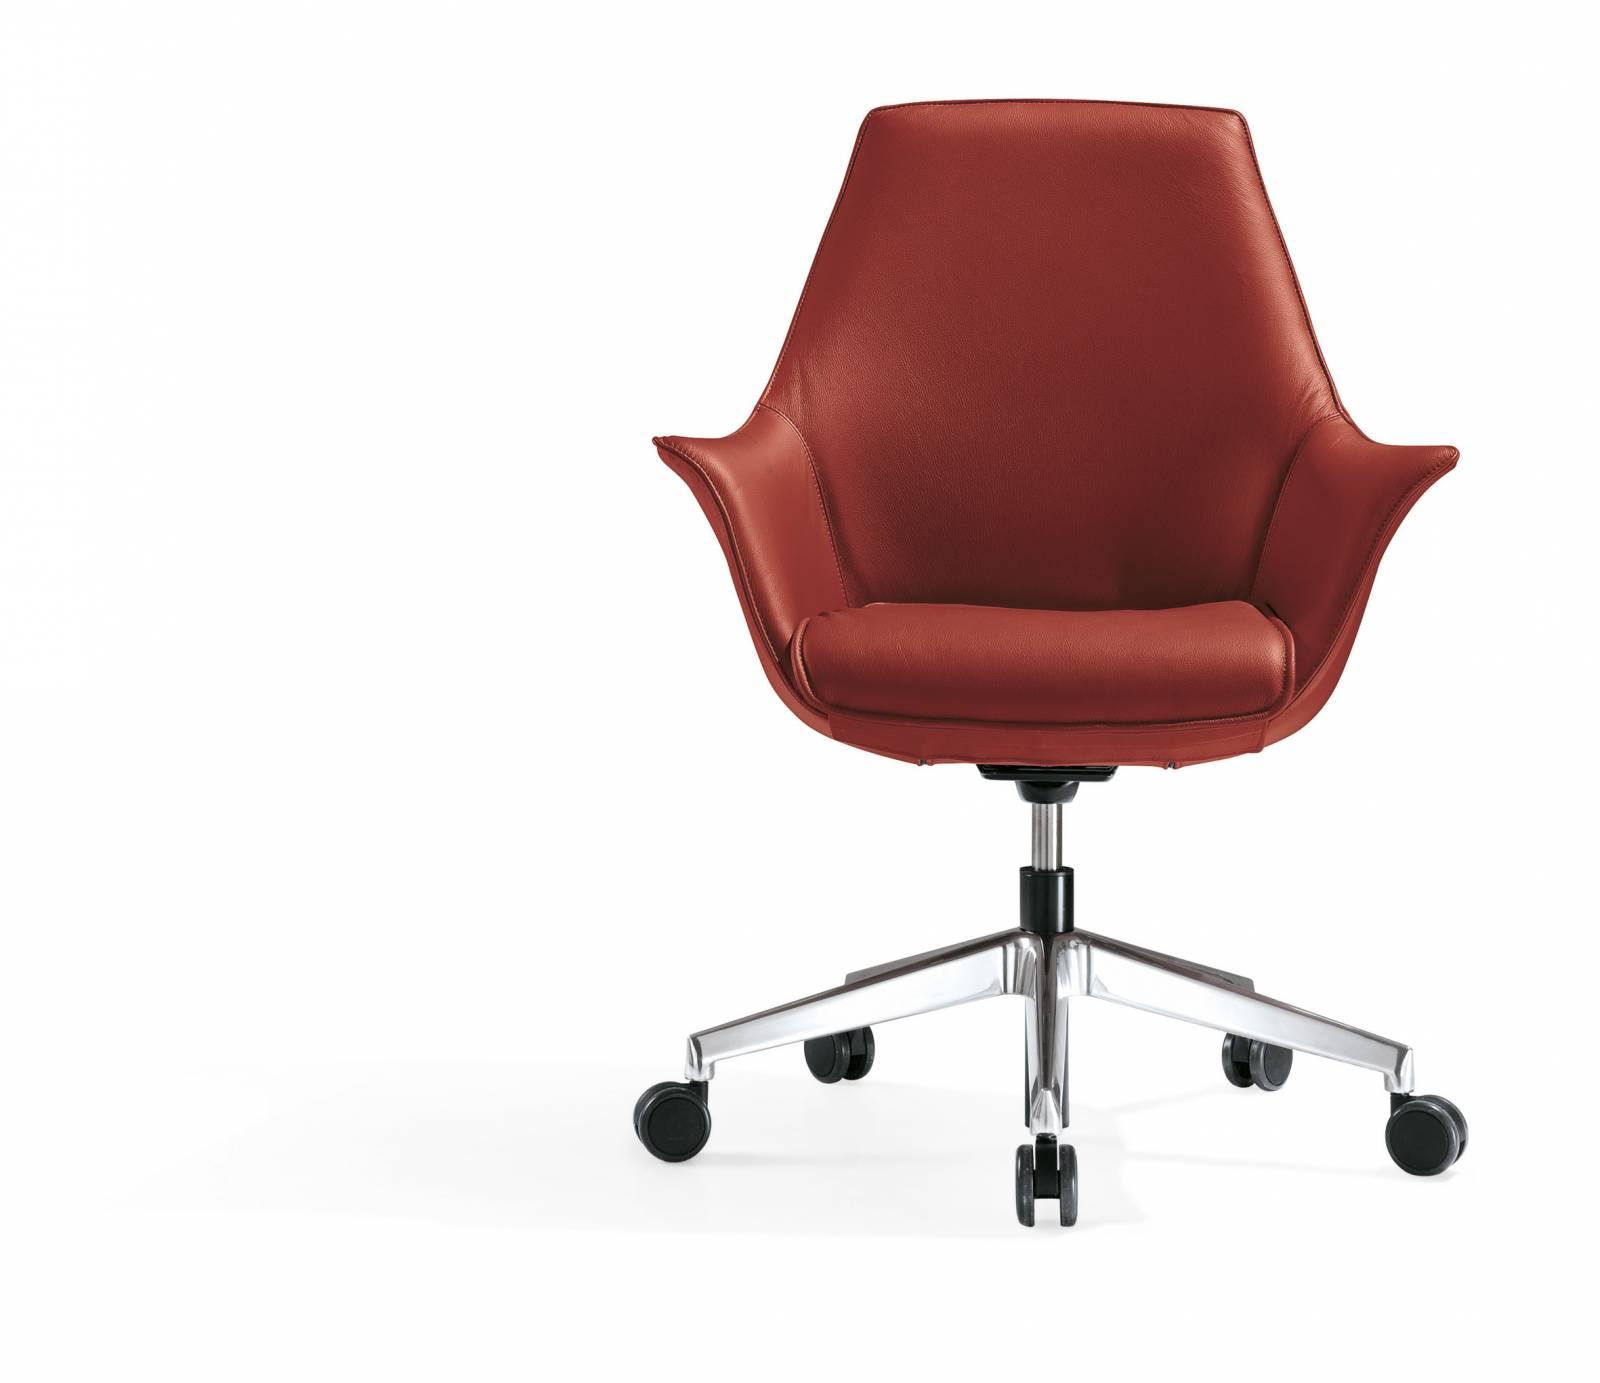 Fauteuil de direction ou fauteuil de conférence gamme KIMERA de chez KAstel sur Marseille